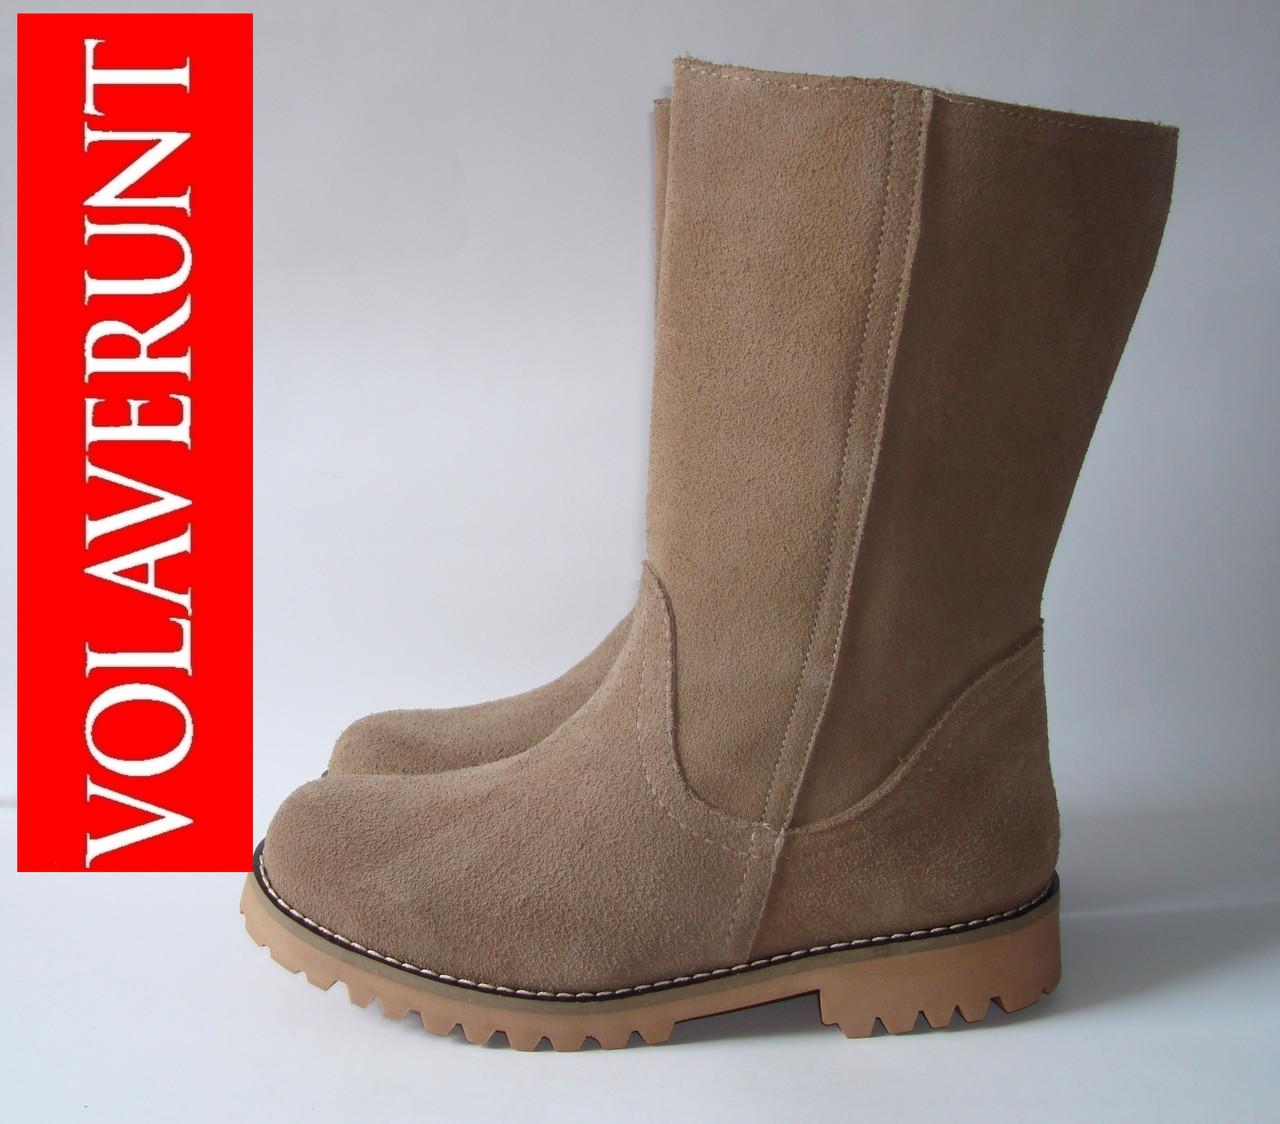 Сапоги кожаные женские Volaverunt (020) , цена 830 грн., купить в ... 997cdd35edd